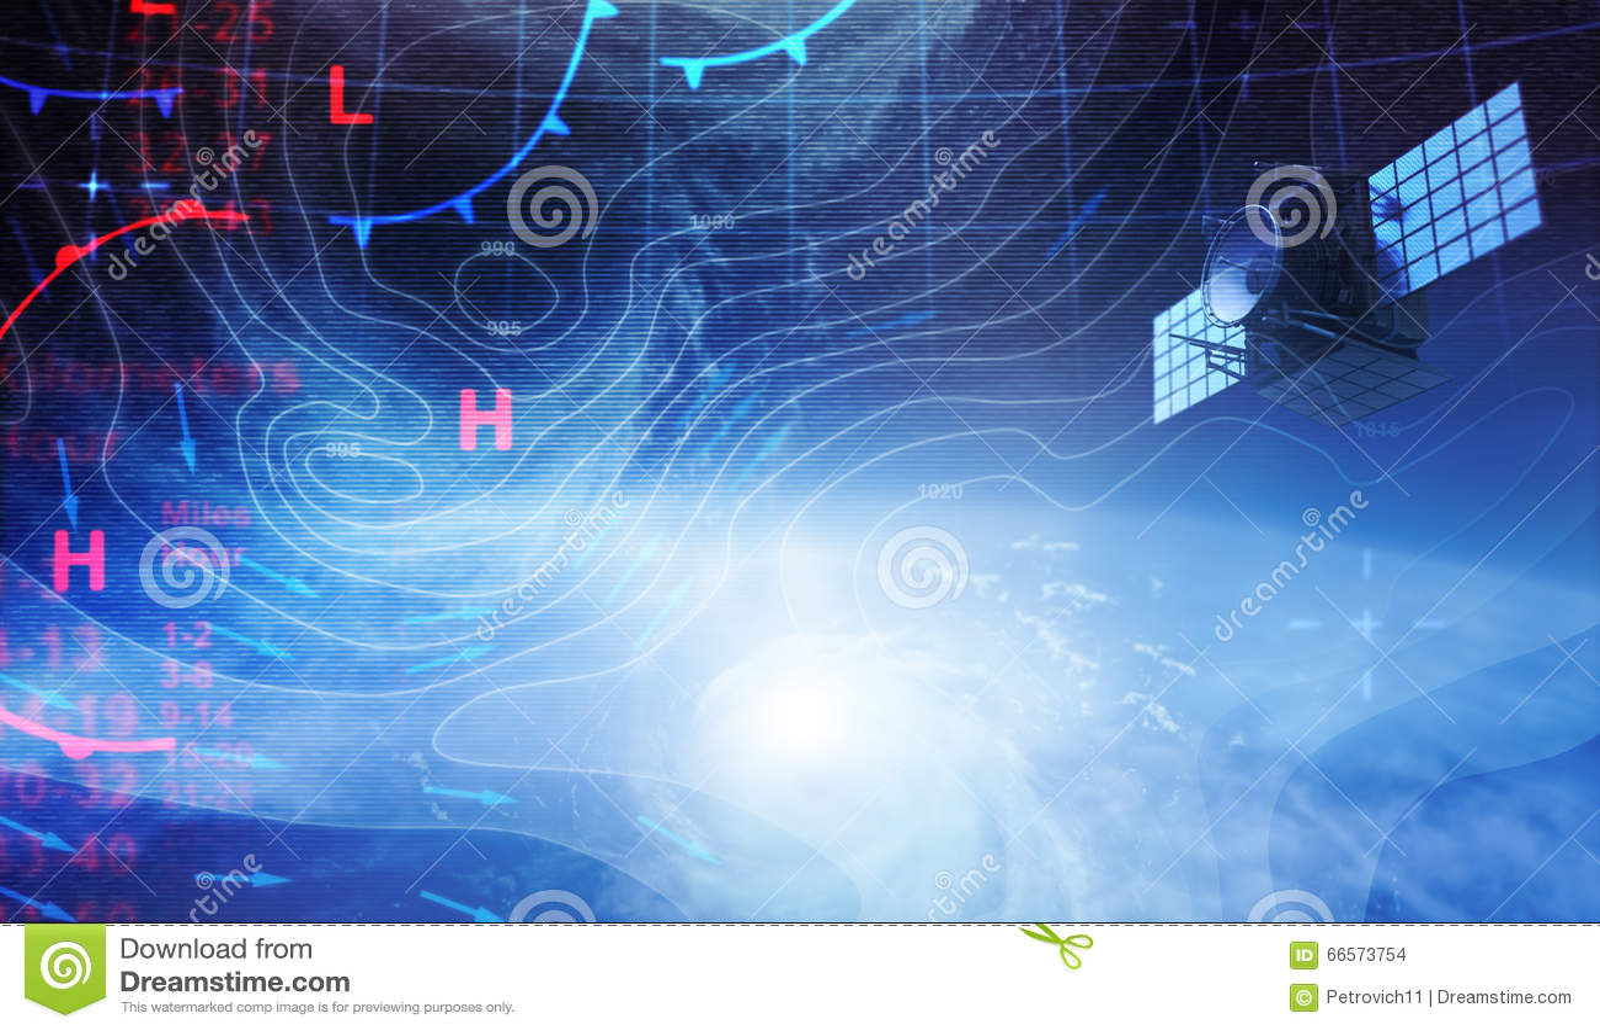 Väderöversikt i utrymme